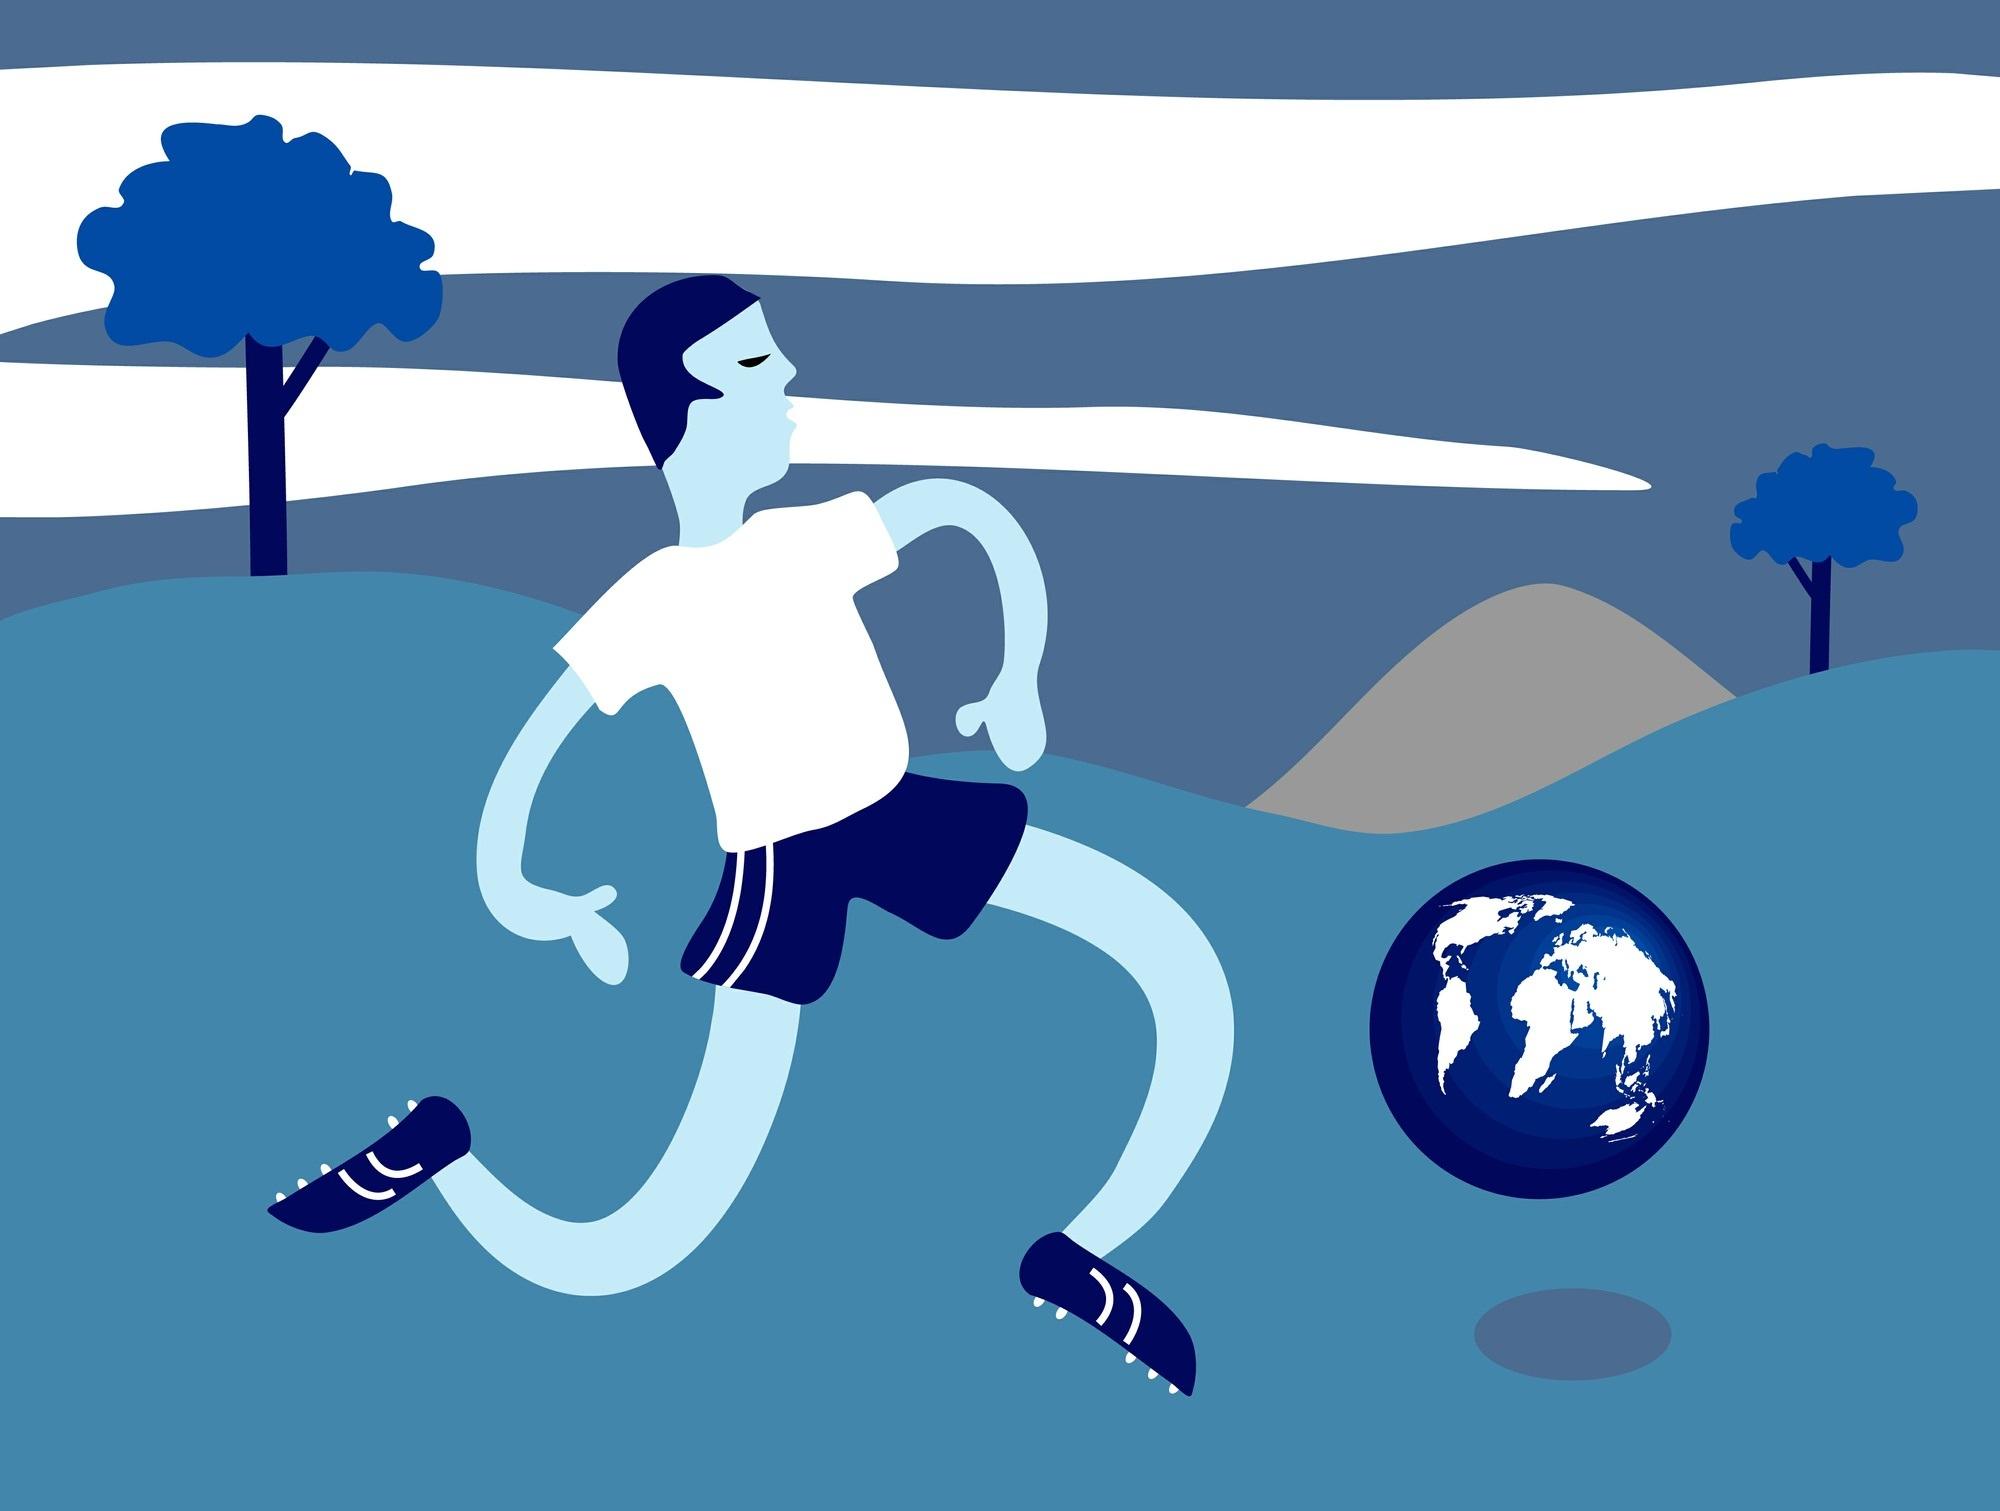 Mann, Fußball, Erde, Ballon, Spiel - Wallpaper HD - Prof.-falken.com